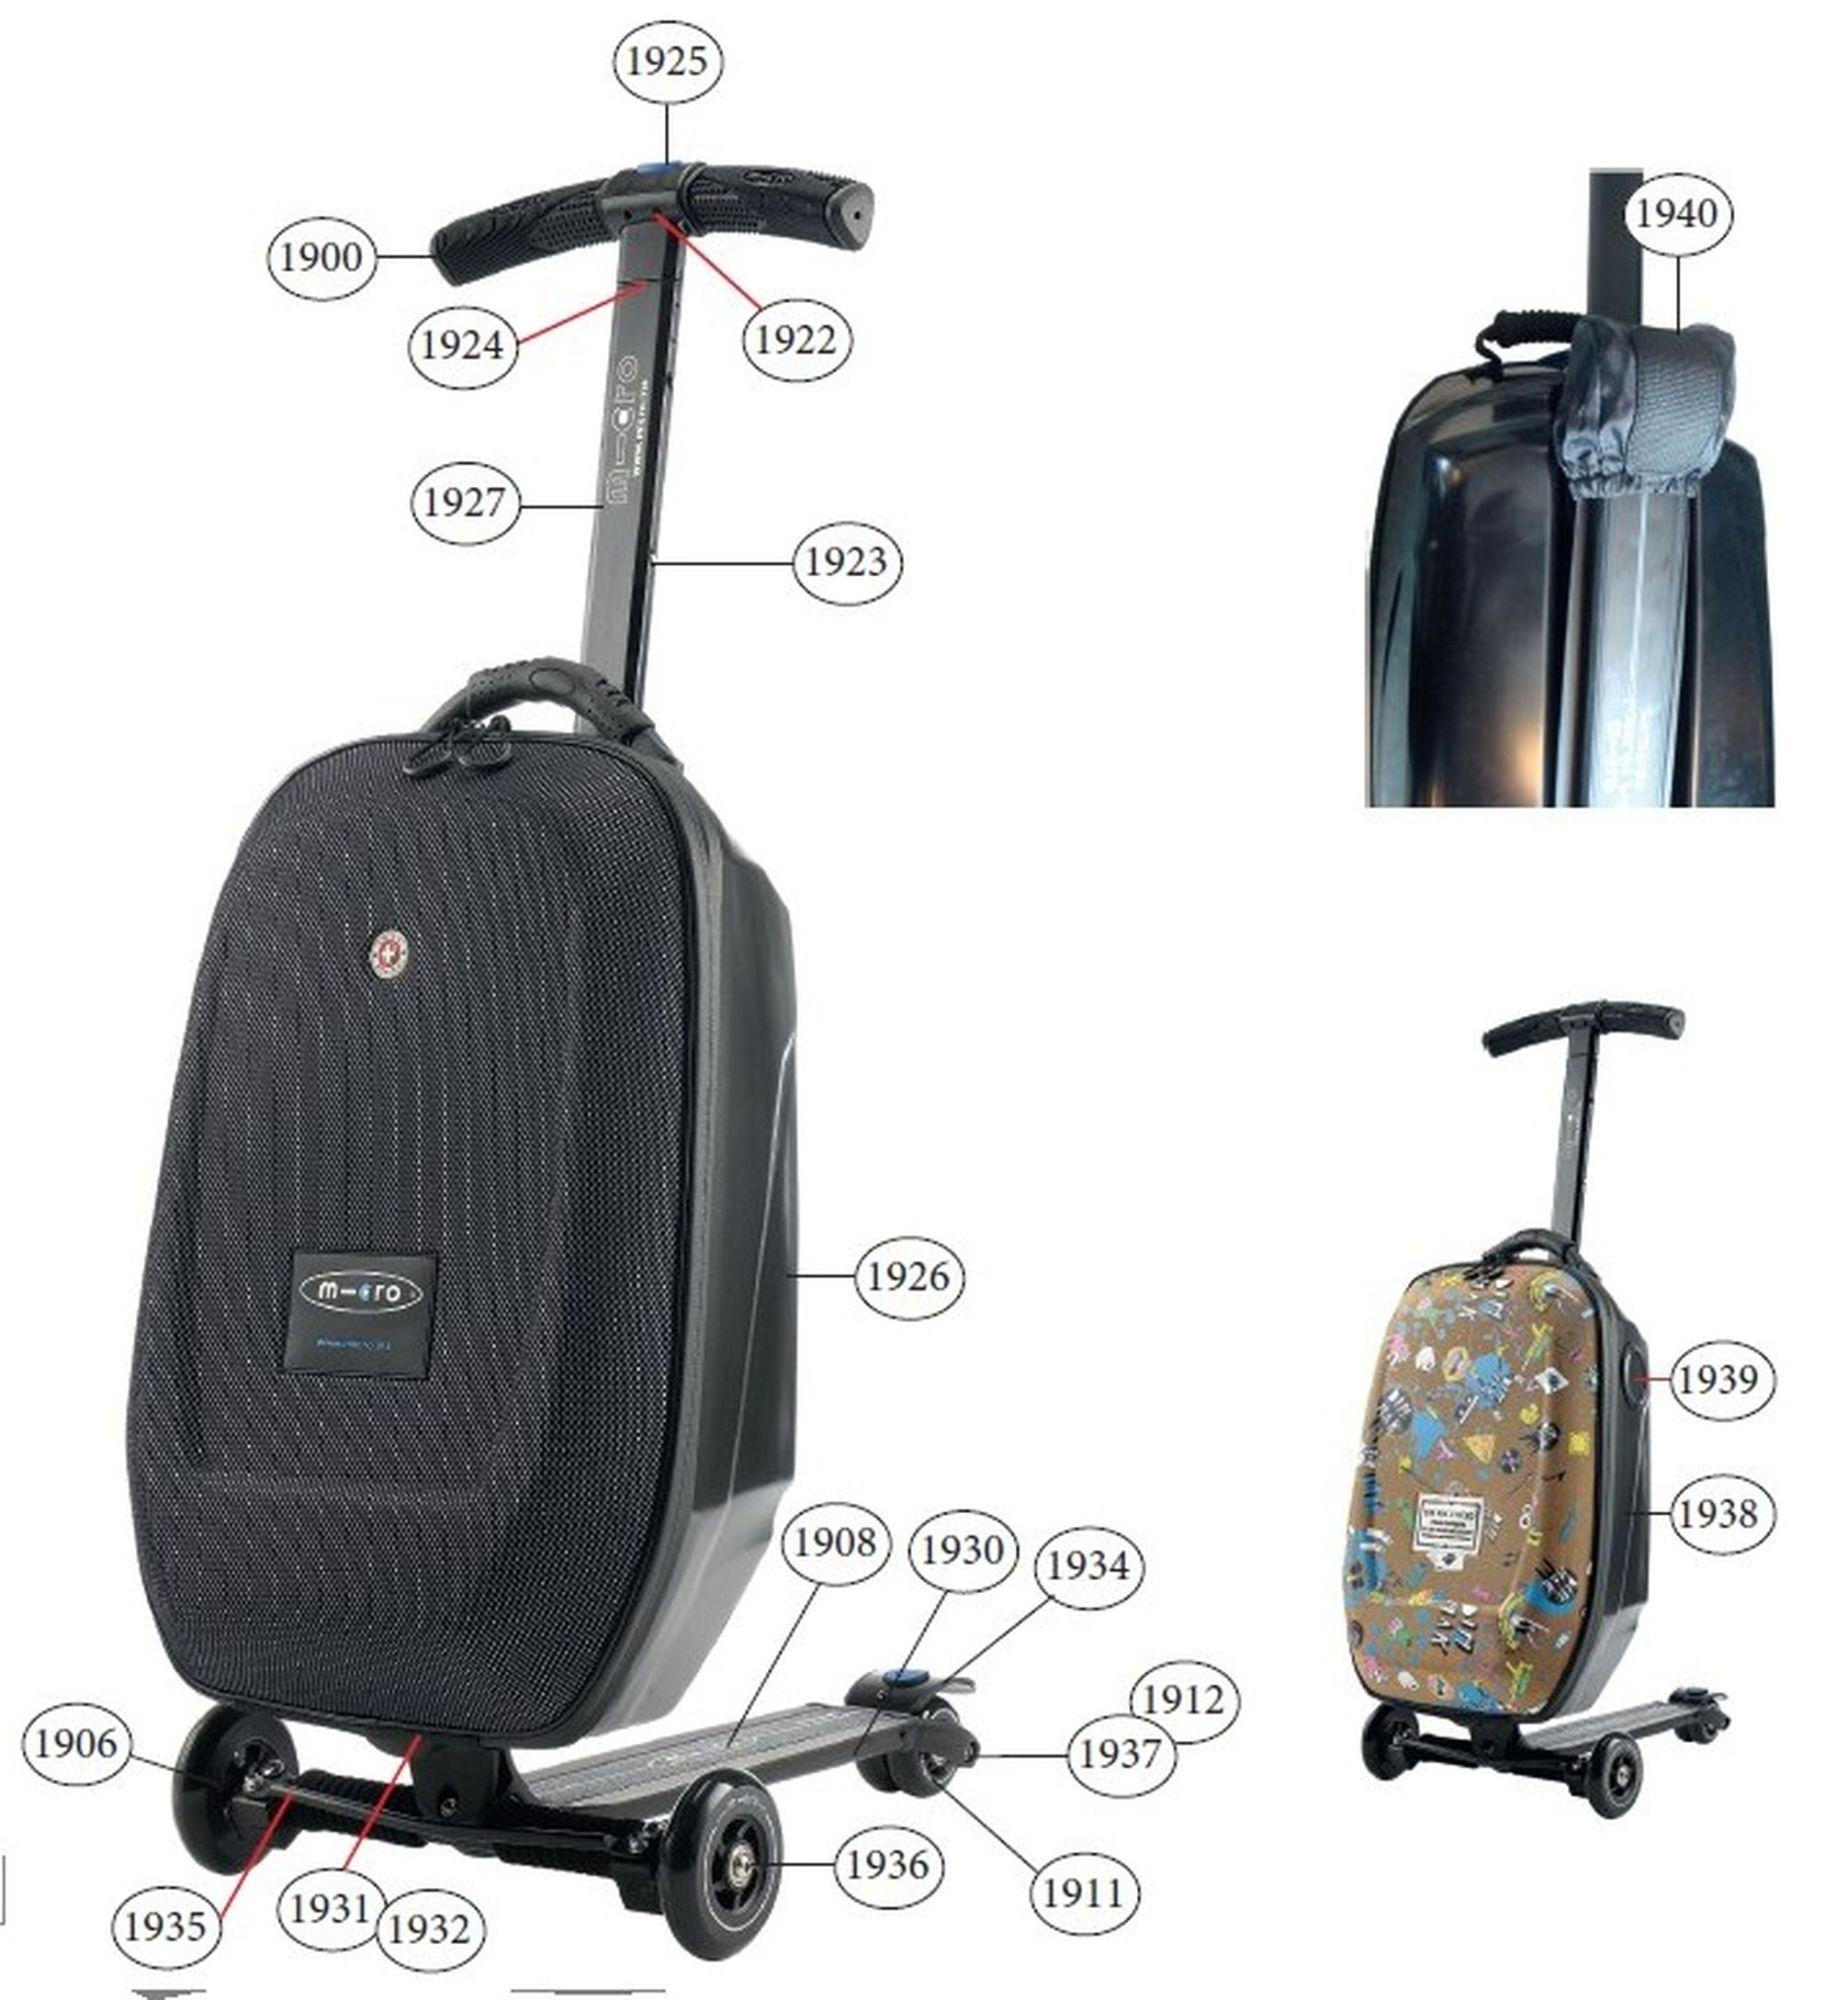 Díly - Díly pro Luggage